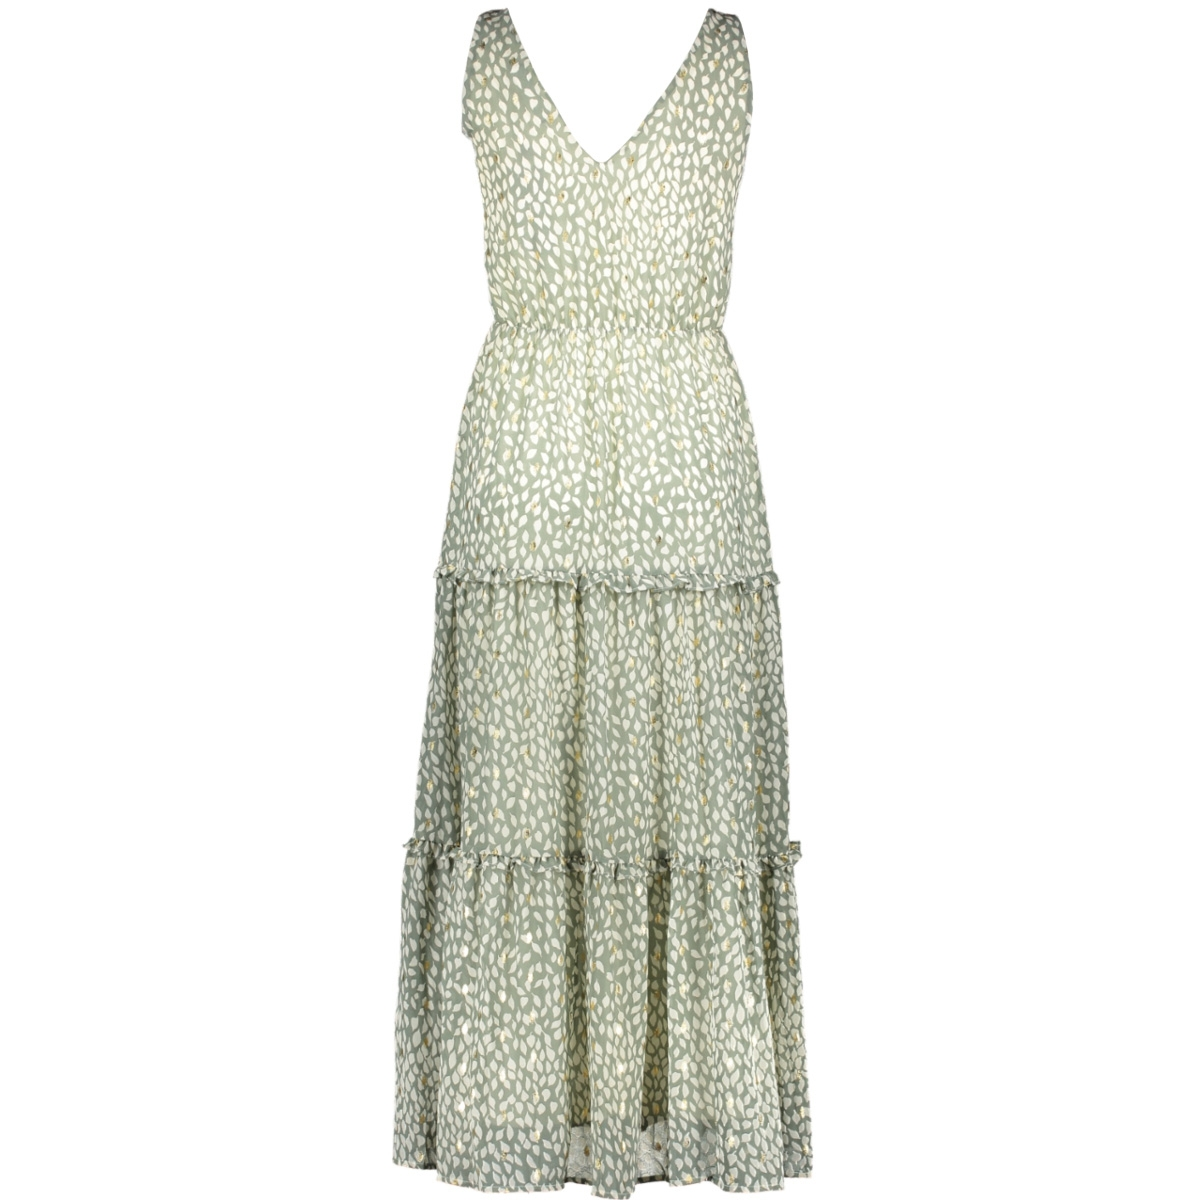 vmpenny s/l ankle dress wvn 10230682 vero moda jurk laurel wreath/penny